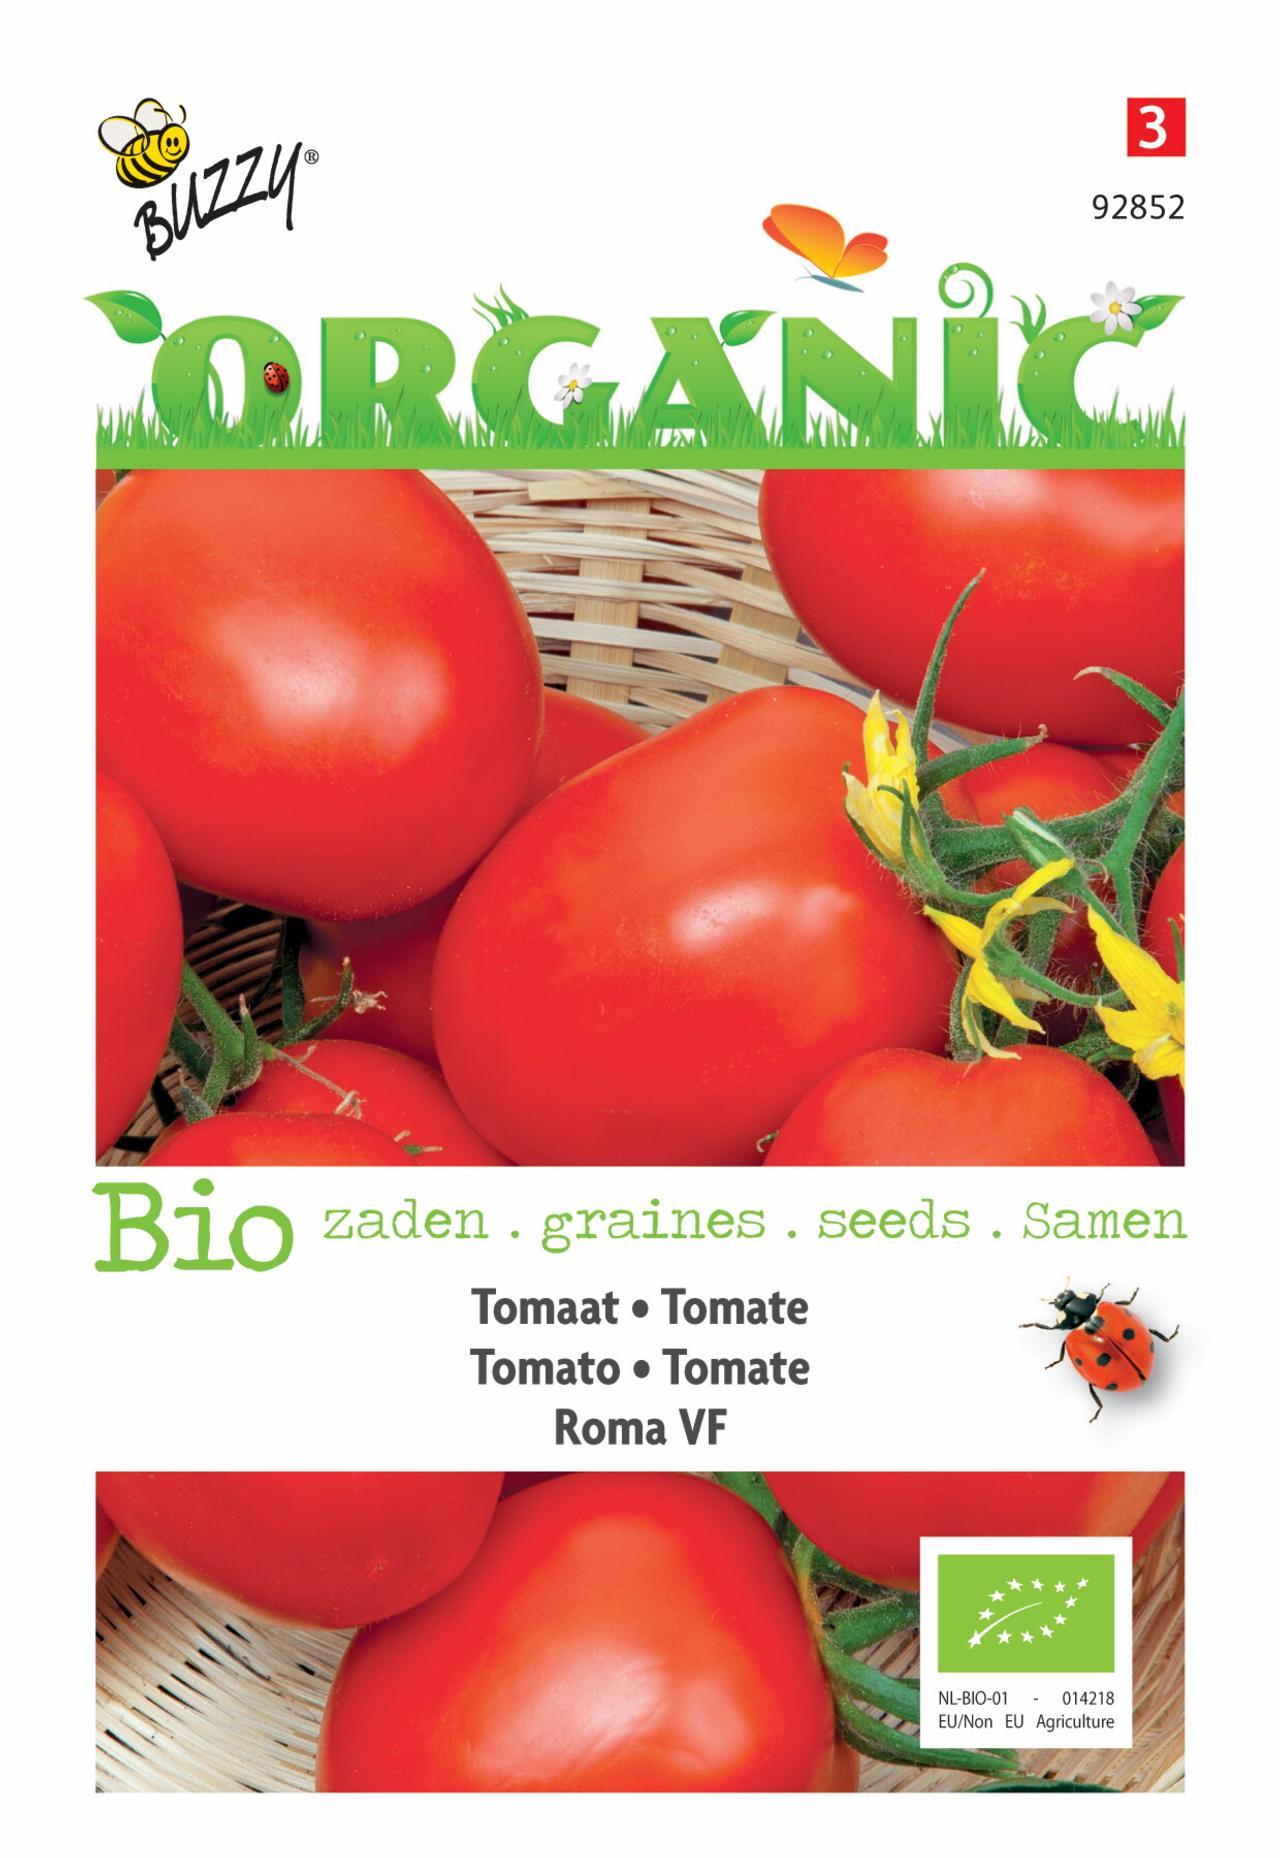 Solanum lycopersicum 'Roma VF' (BIO) plant